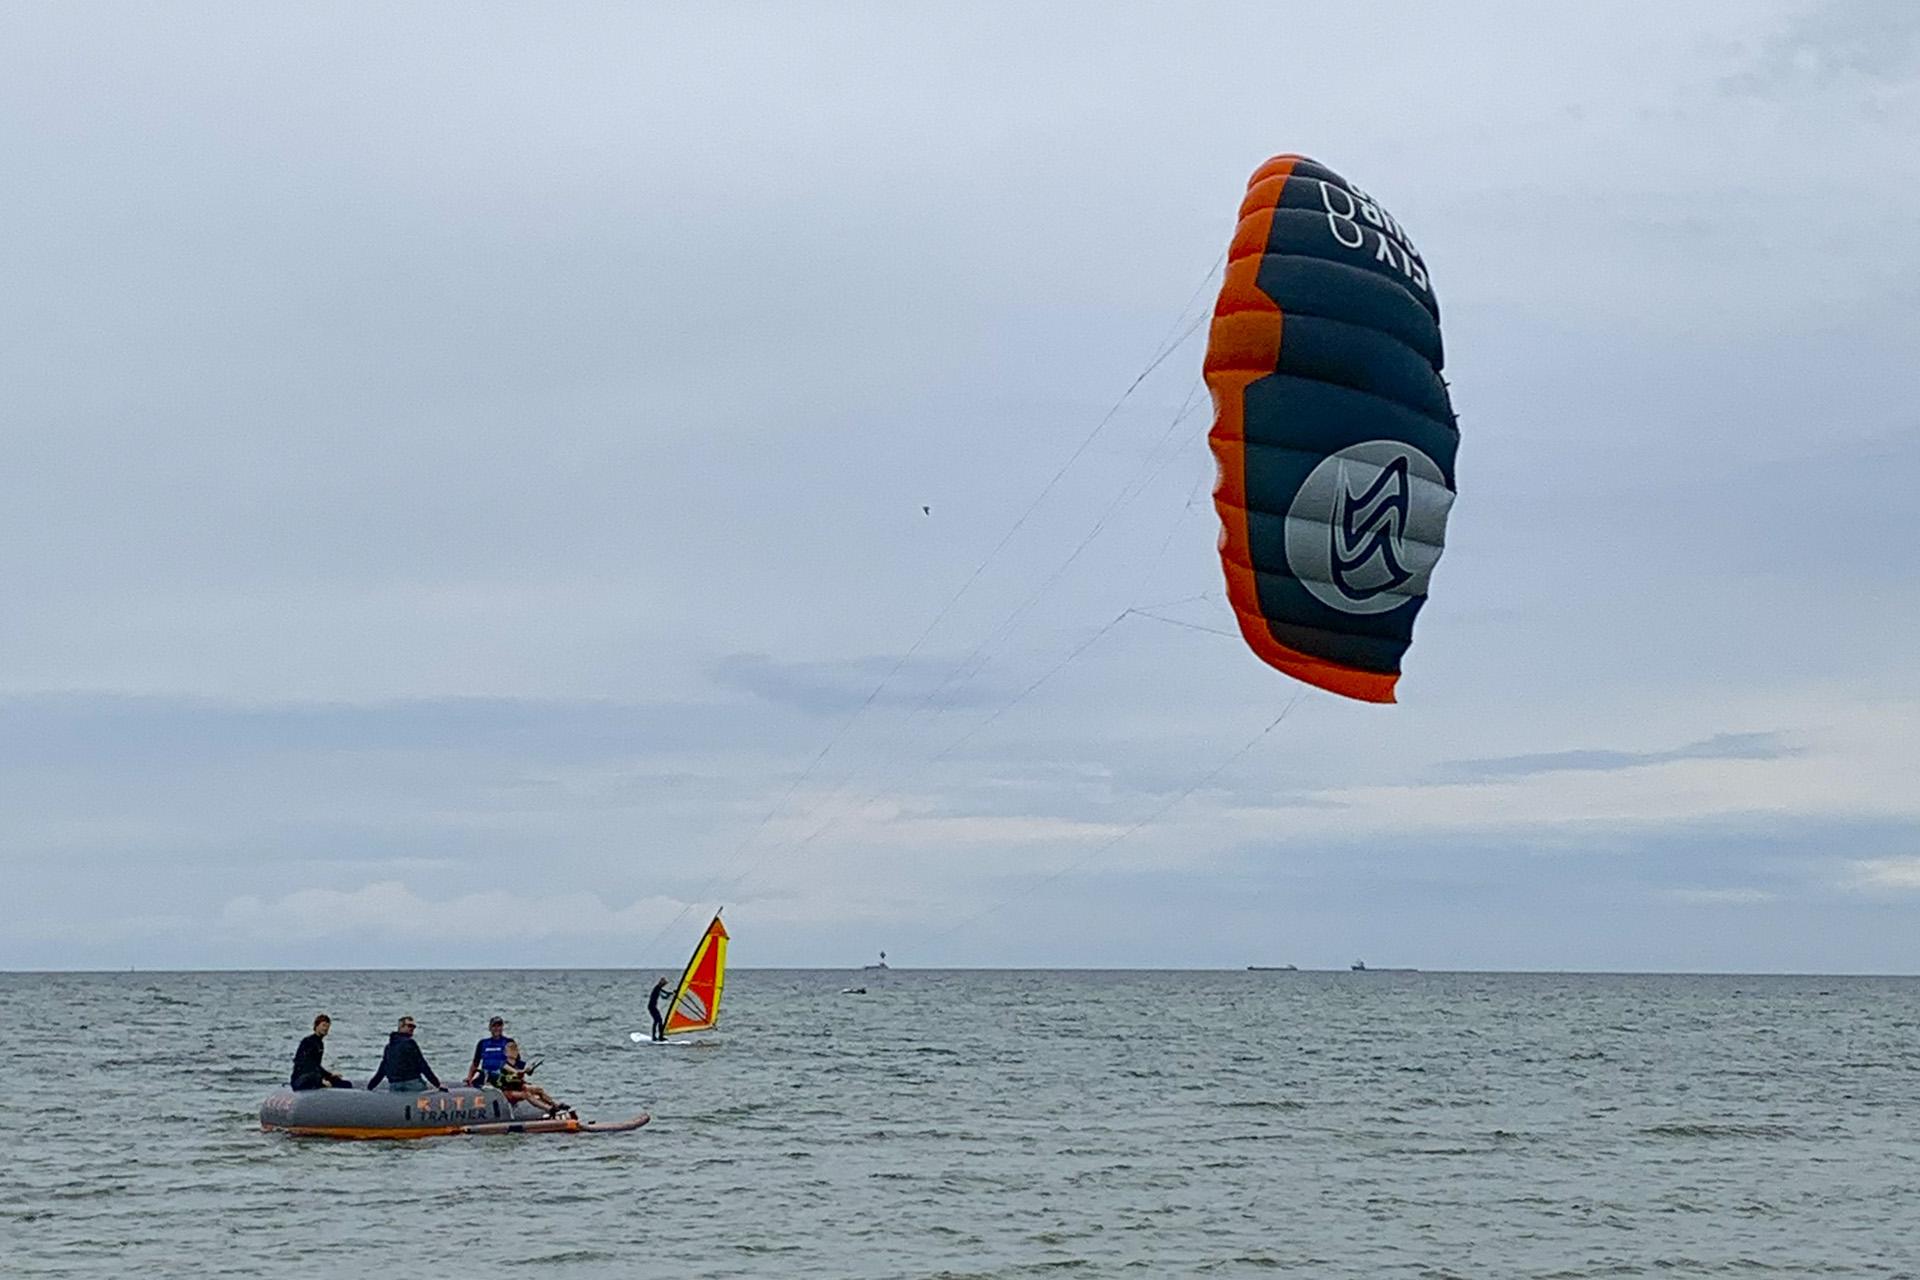 Nachgefragt bei… André Lange: Was kann der KiteTrainer?